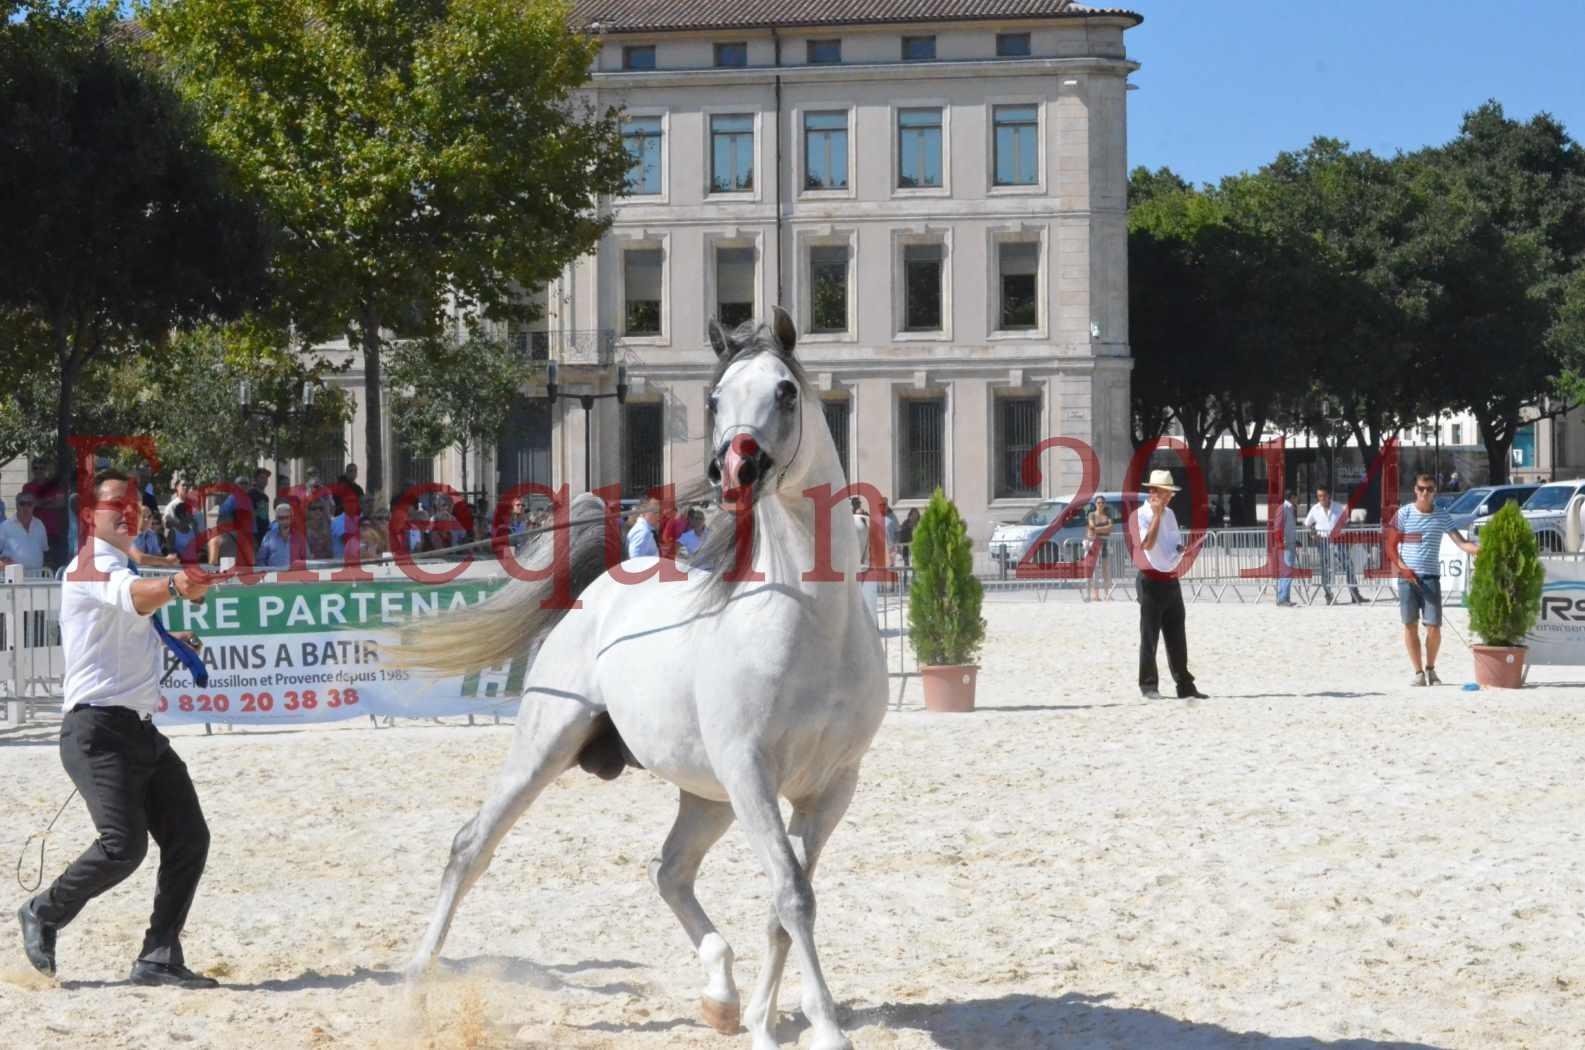 Concours National de Nîmes de chevaux ARABES 2014 - Sélection - SHAOLIN DE NEDJAIA - 56